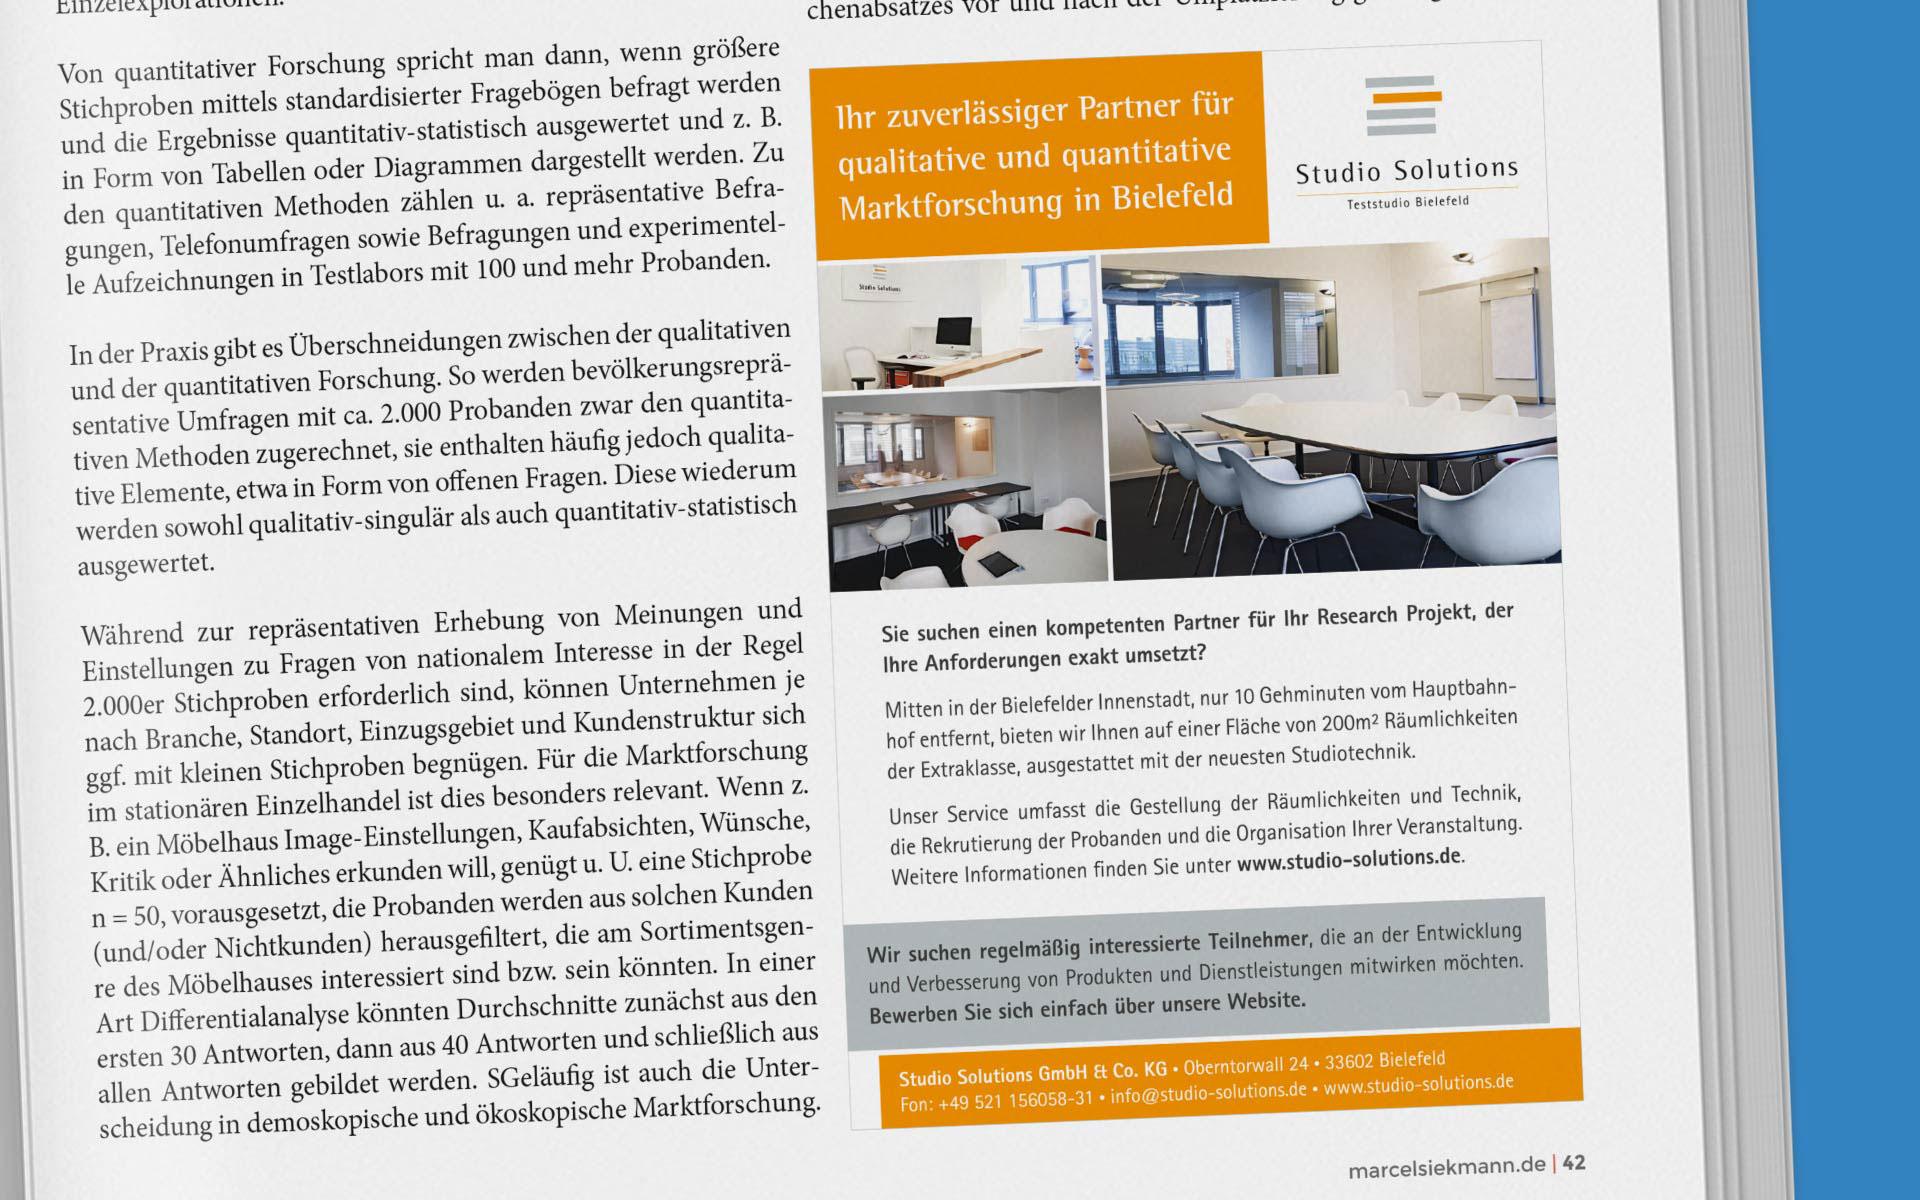 Anzeige für Studio Solutions auf der in einem Magazin